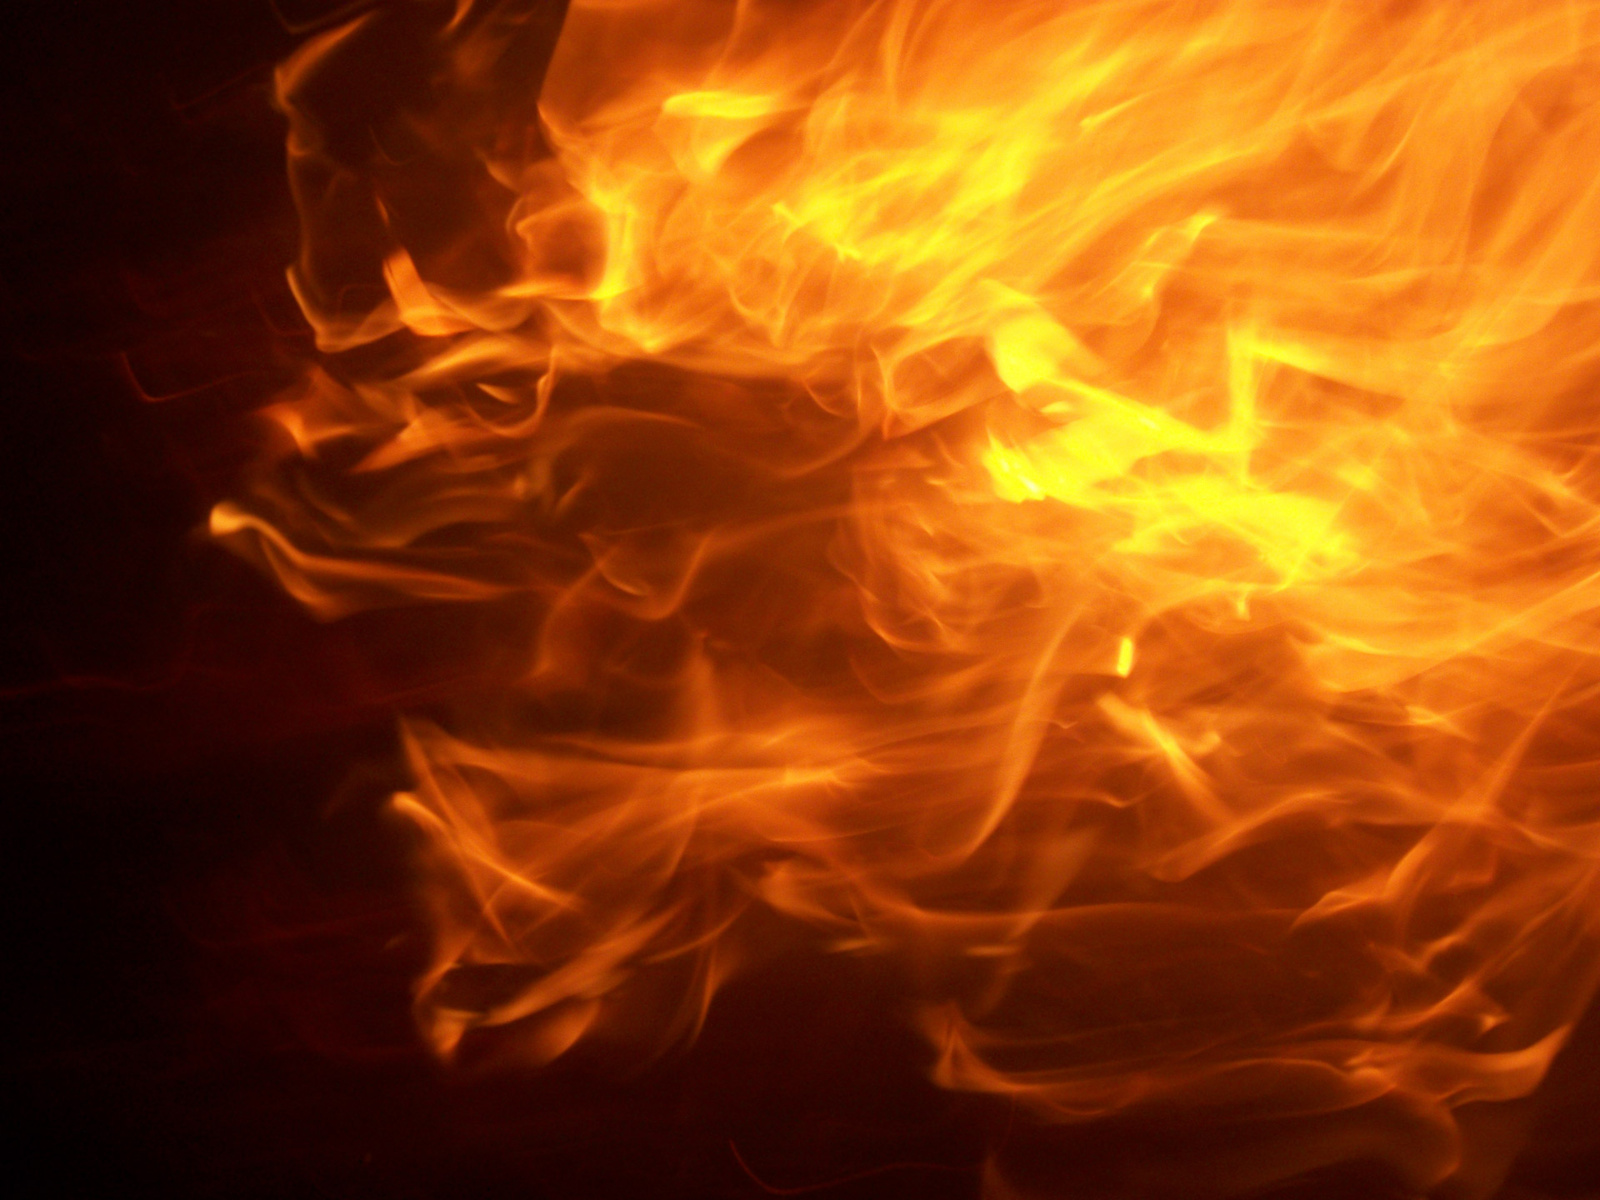 Alytaus rajone du gaisrai – įtariami padegimai